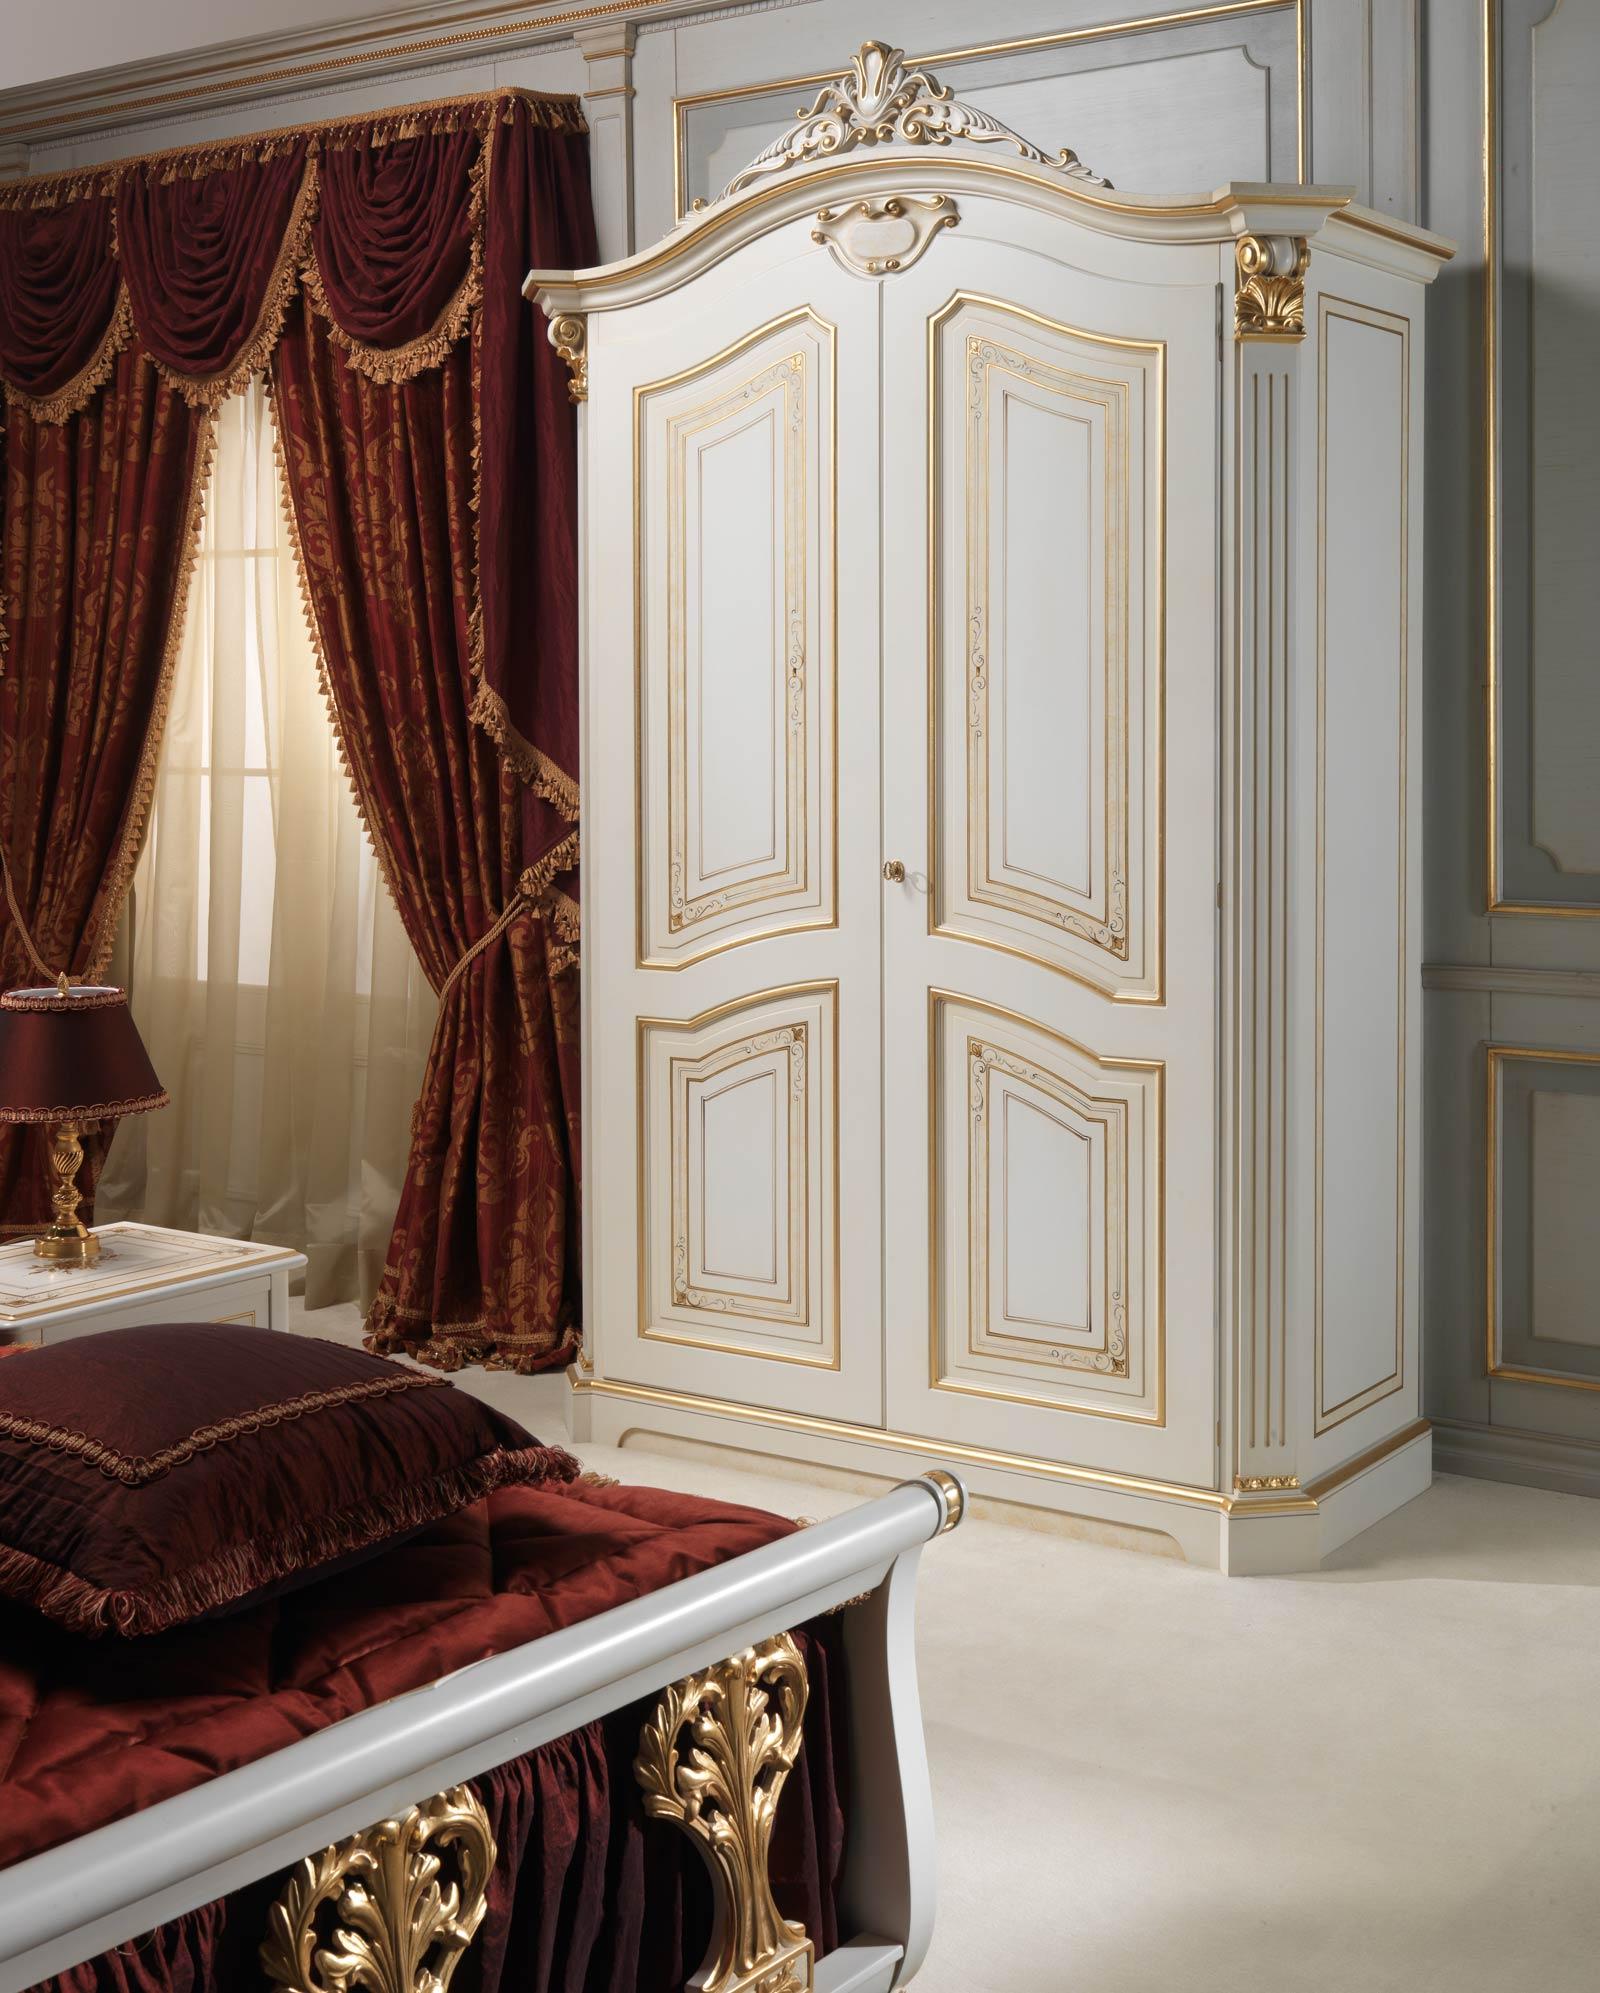 Camera da letto classica Rubens in stile 700 francese: armadio laccato ...